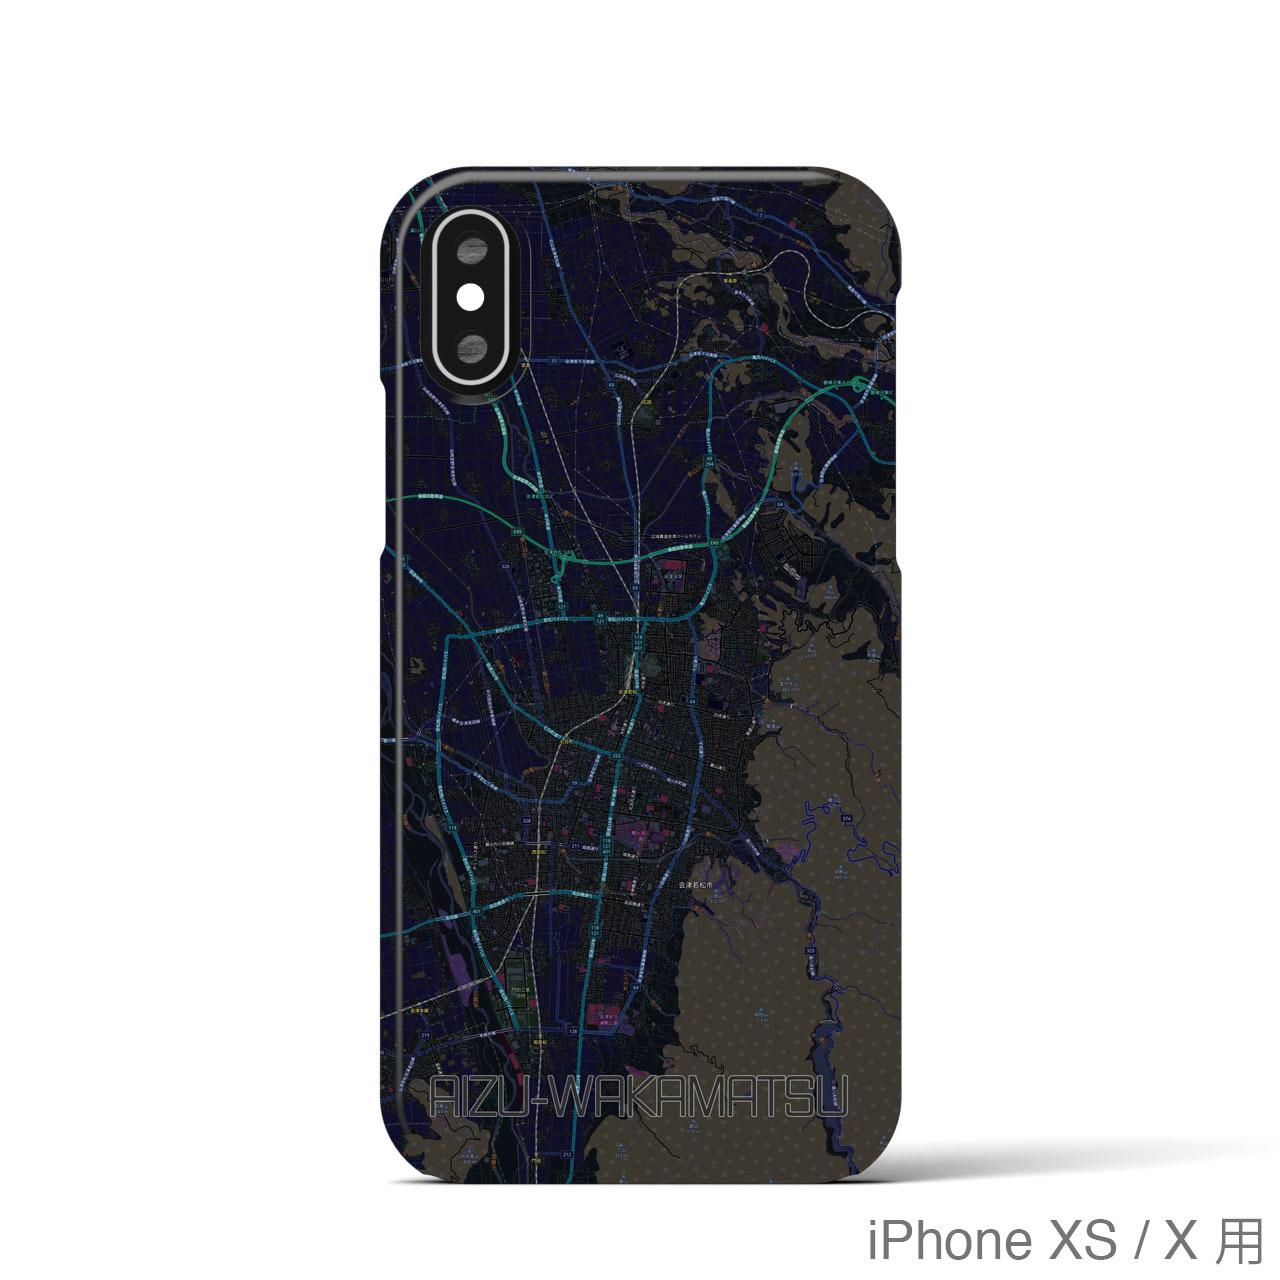 【会津若松】地図柄iPhoneケース(バックカバータイプ・ブラック)